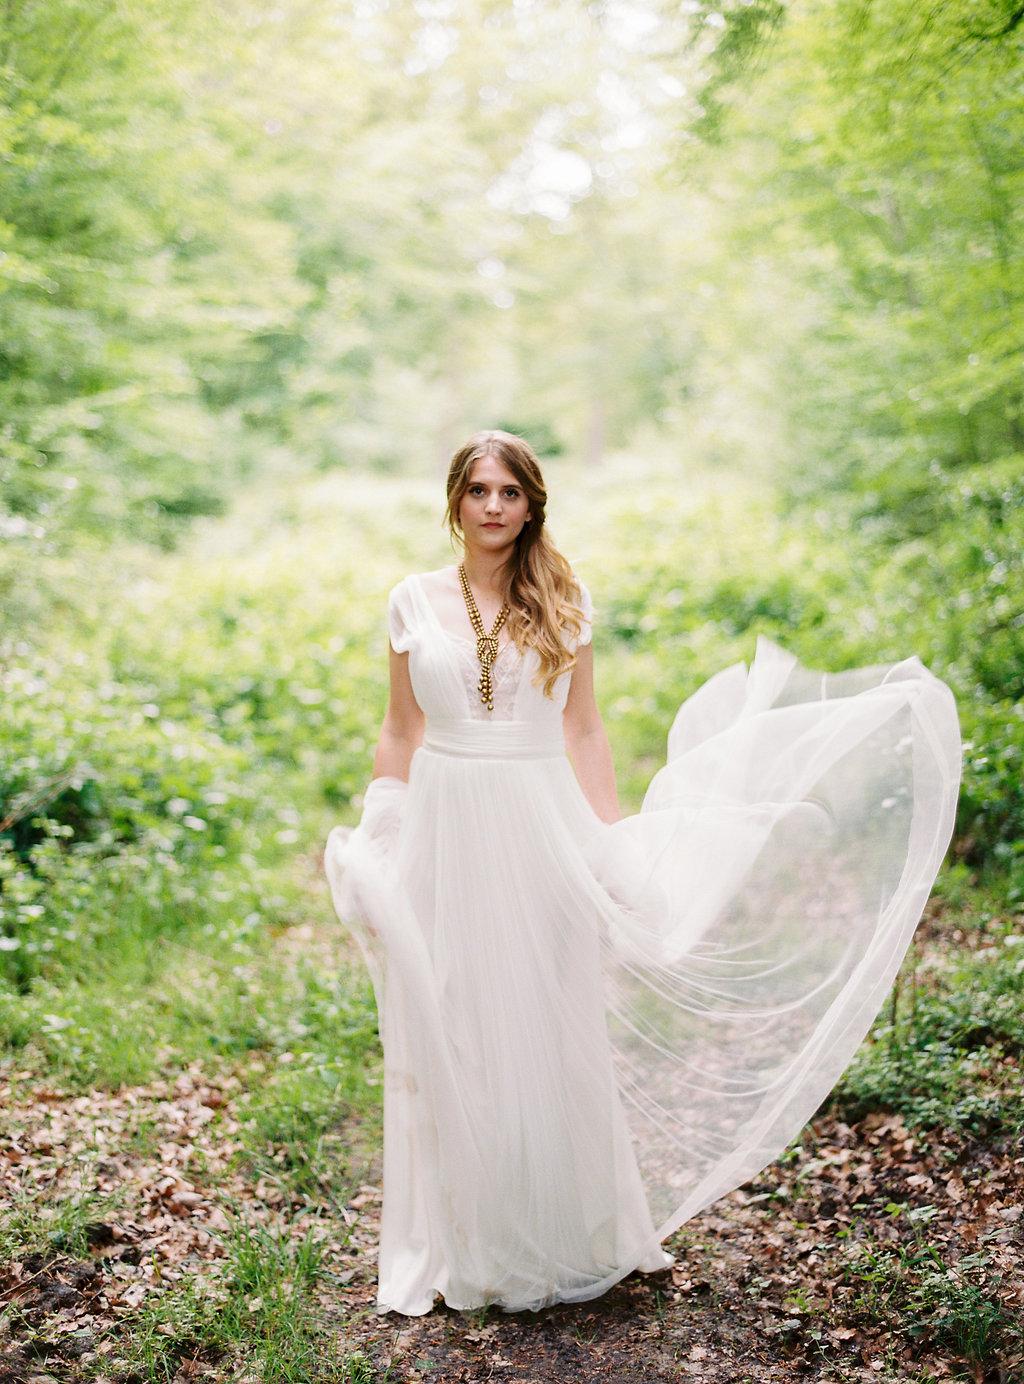 La créatrice Stéphanie Wolff  nous propose ici une robe esprit folk toute en voile et en légerté